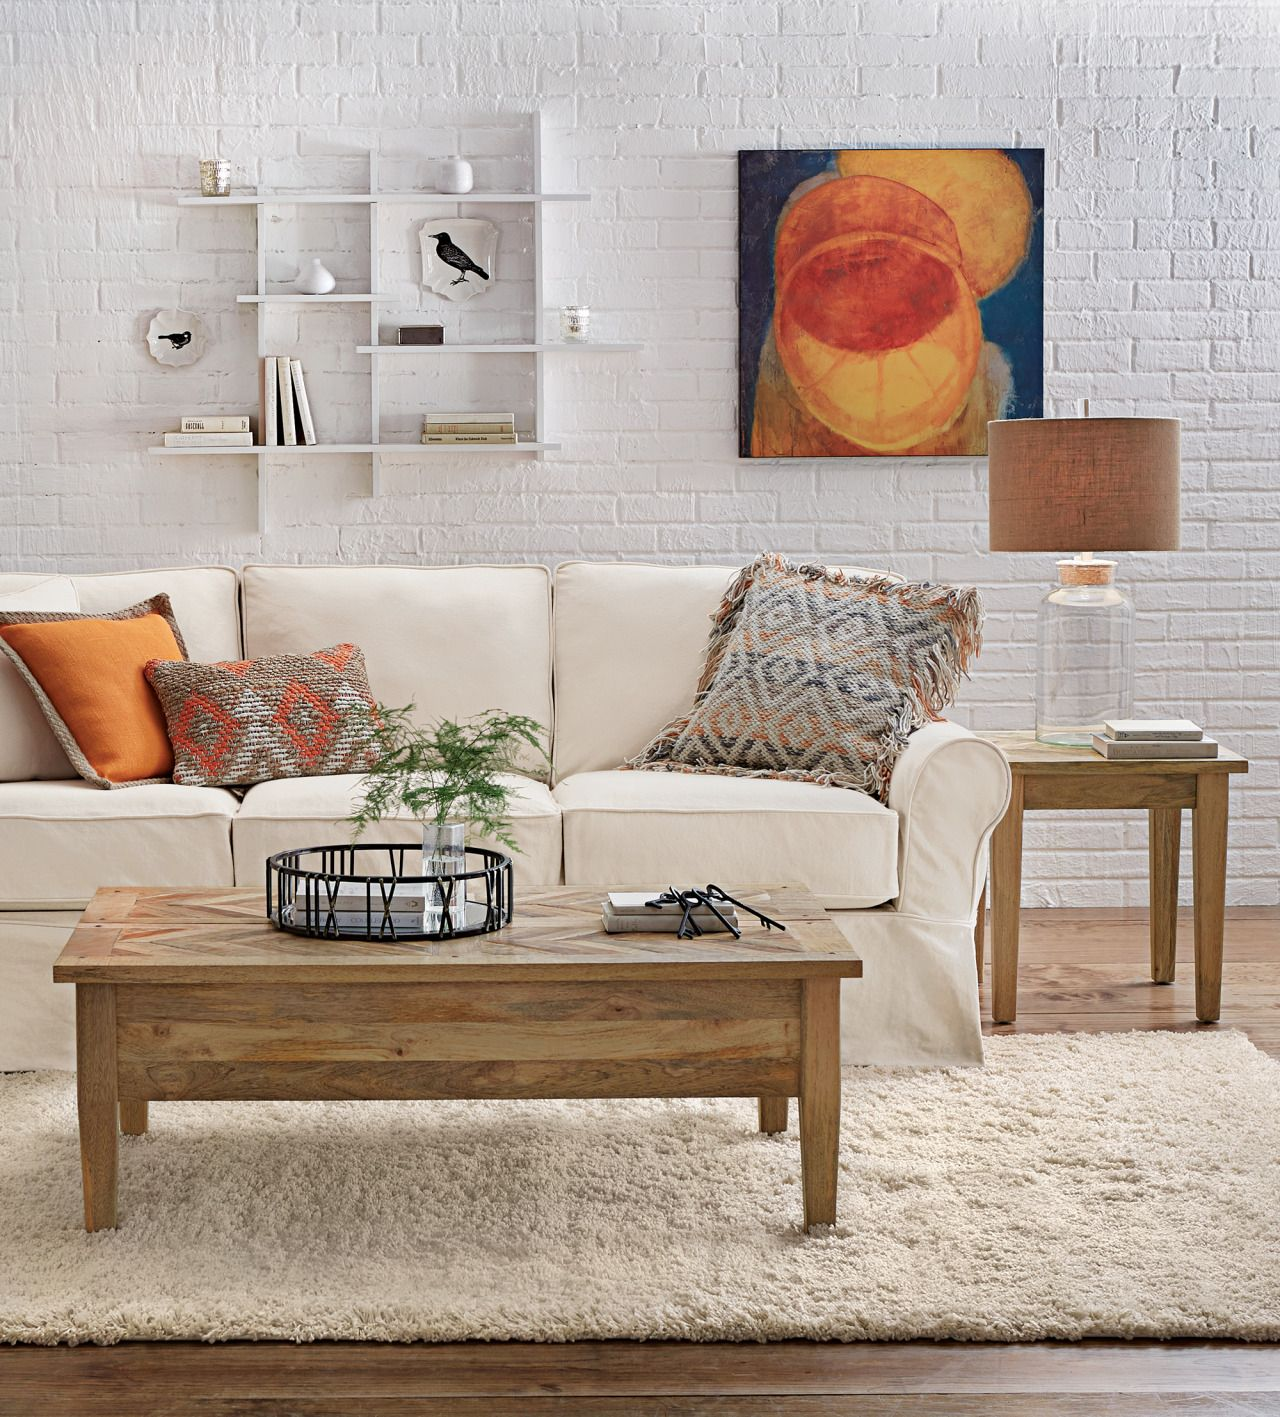 Homedecoratorscollection Grey Home Decor Decor Home Decorators Collection